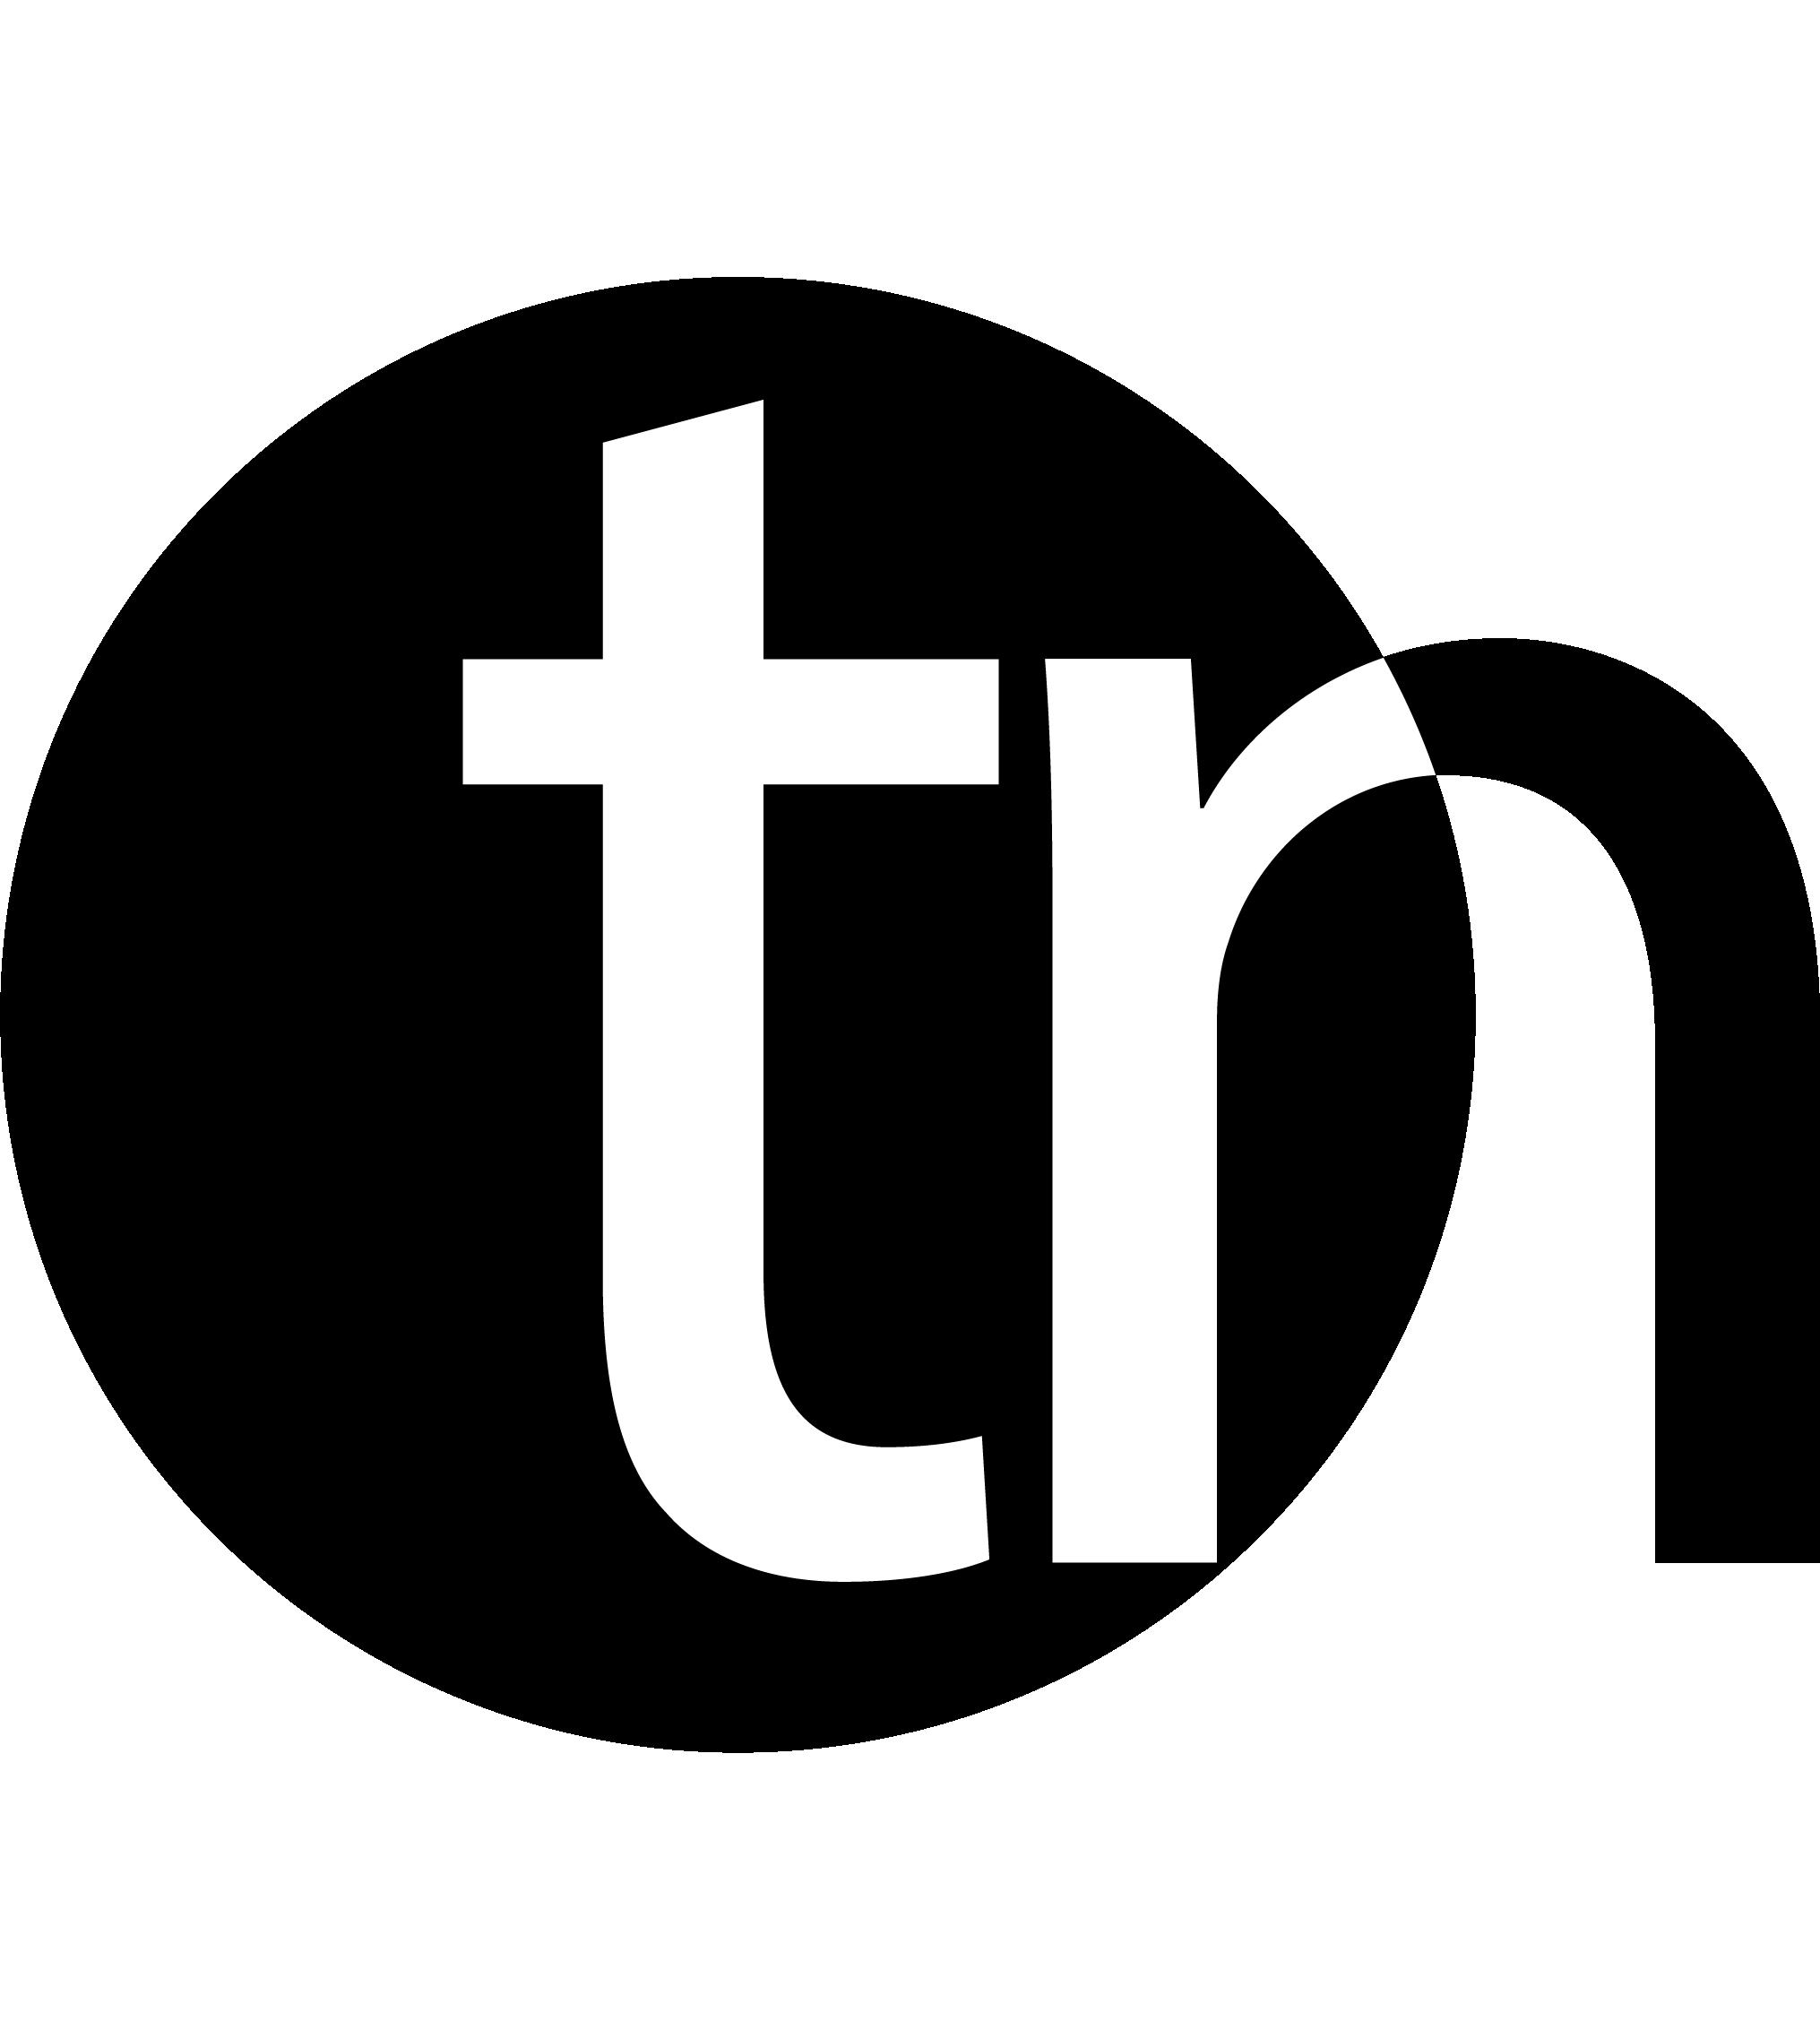 timosnotes.com